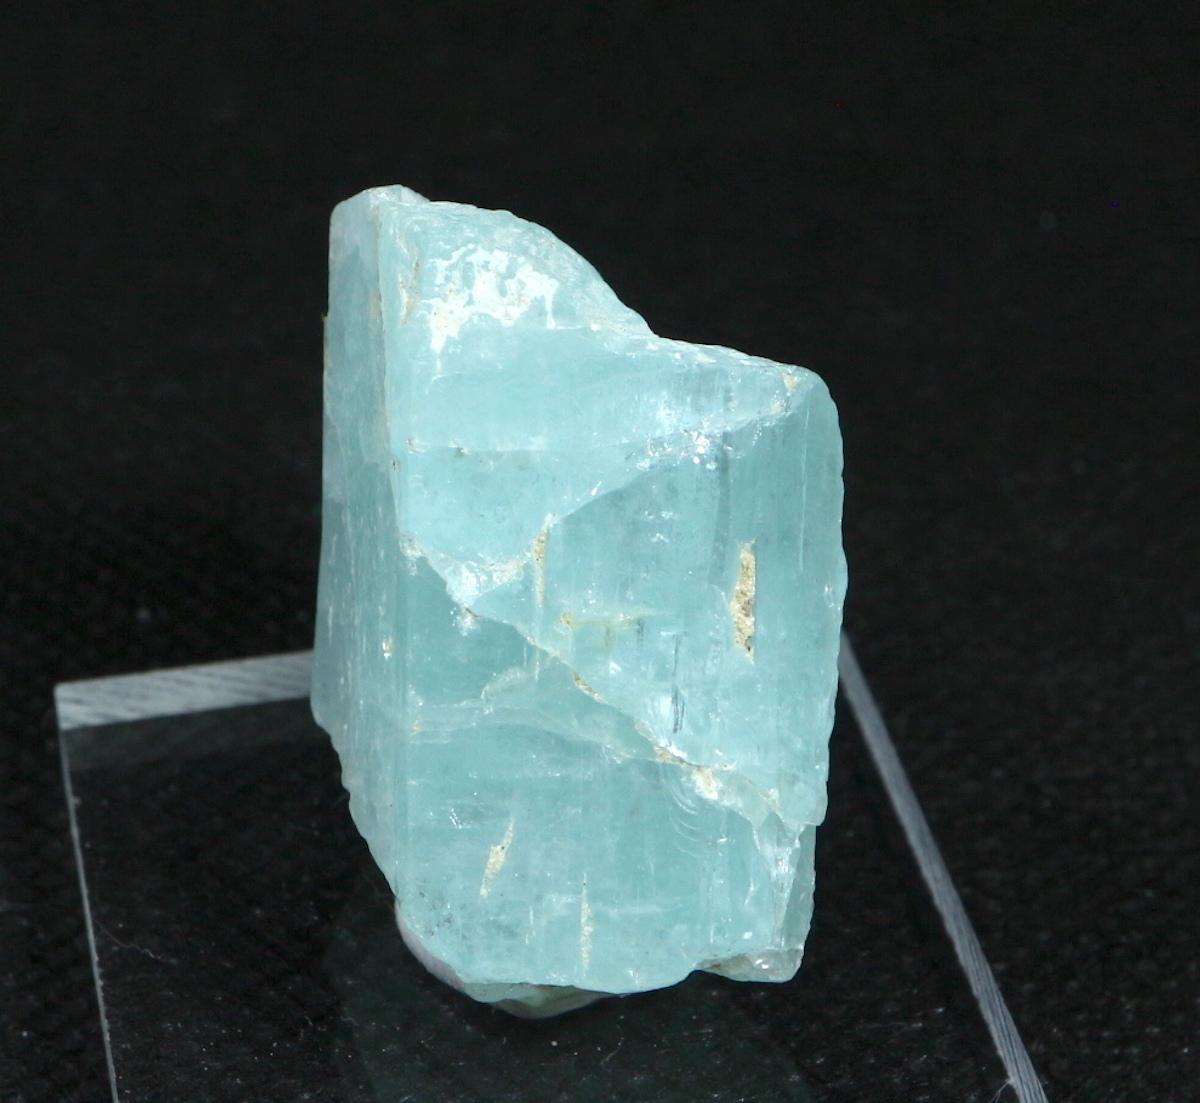 カリフォルニア産 アクアマリン 18,4g 原石 AQ071 鉱物 原石 天然石 パワーストーン